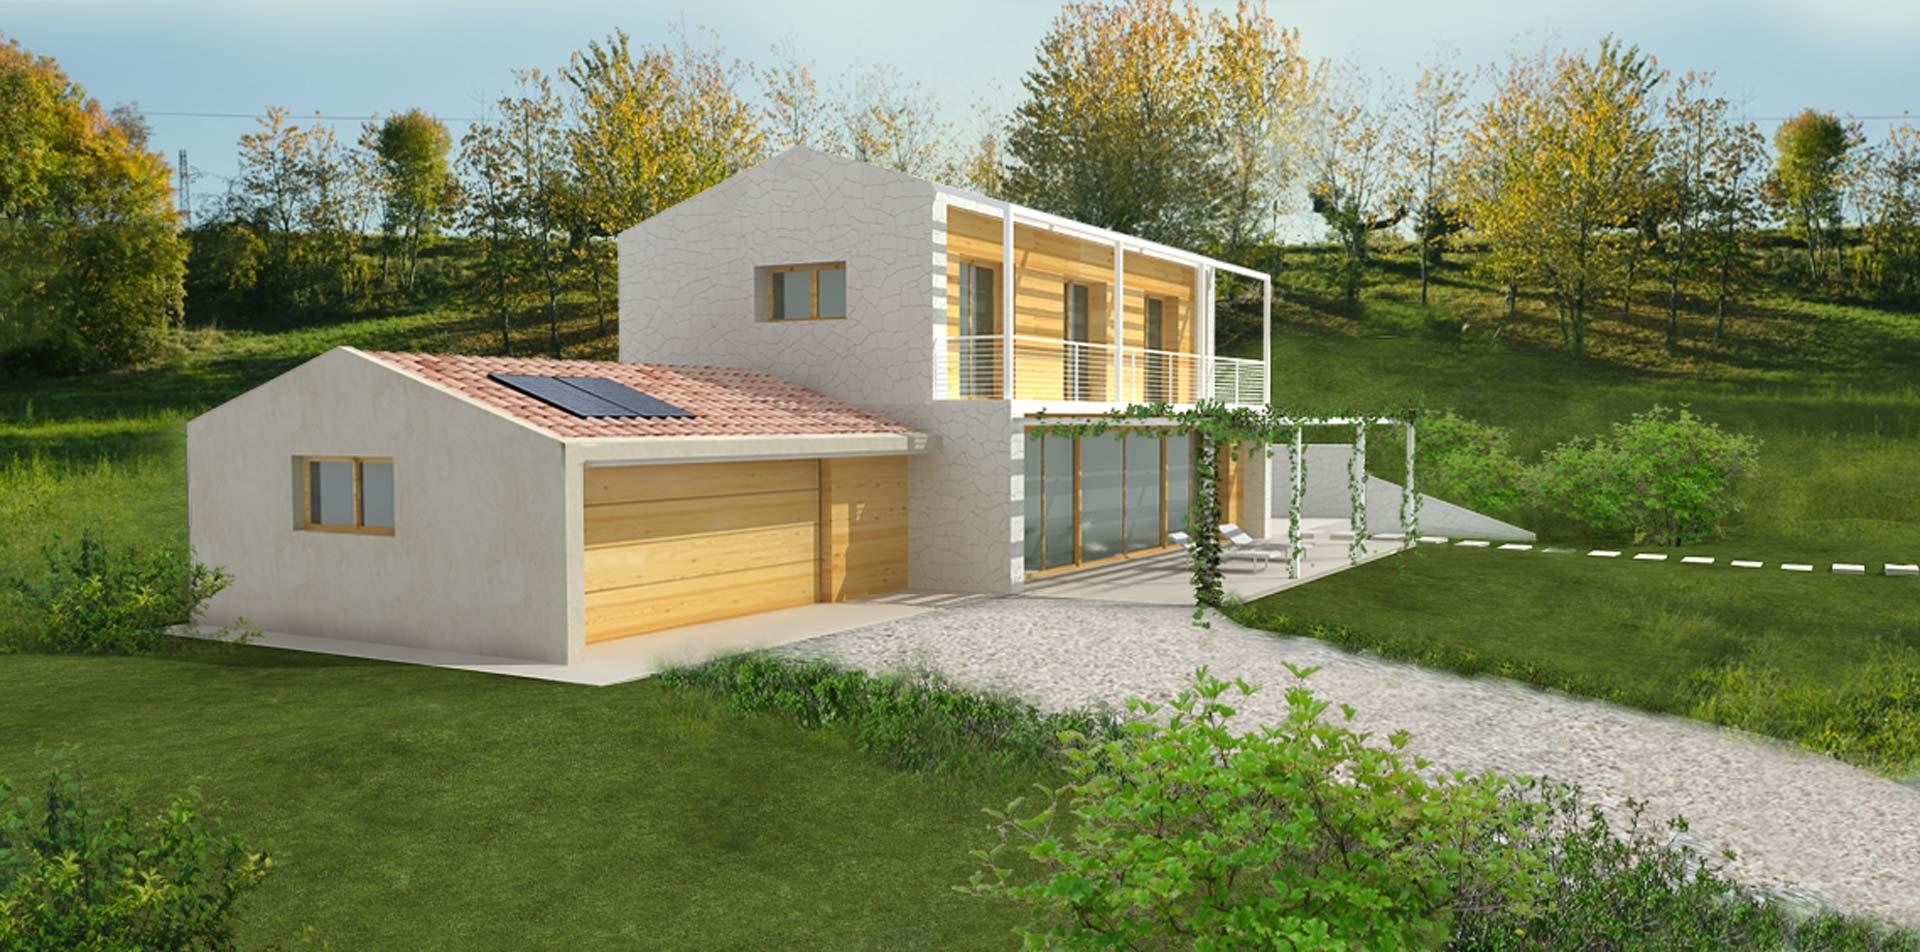 Case Prefabbricate In Legno Opinioni testimonianze ed opinioni sulle case in legno, ecologiche